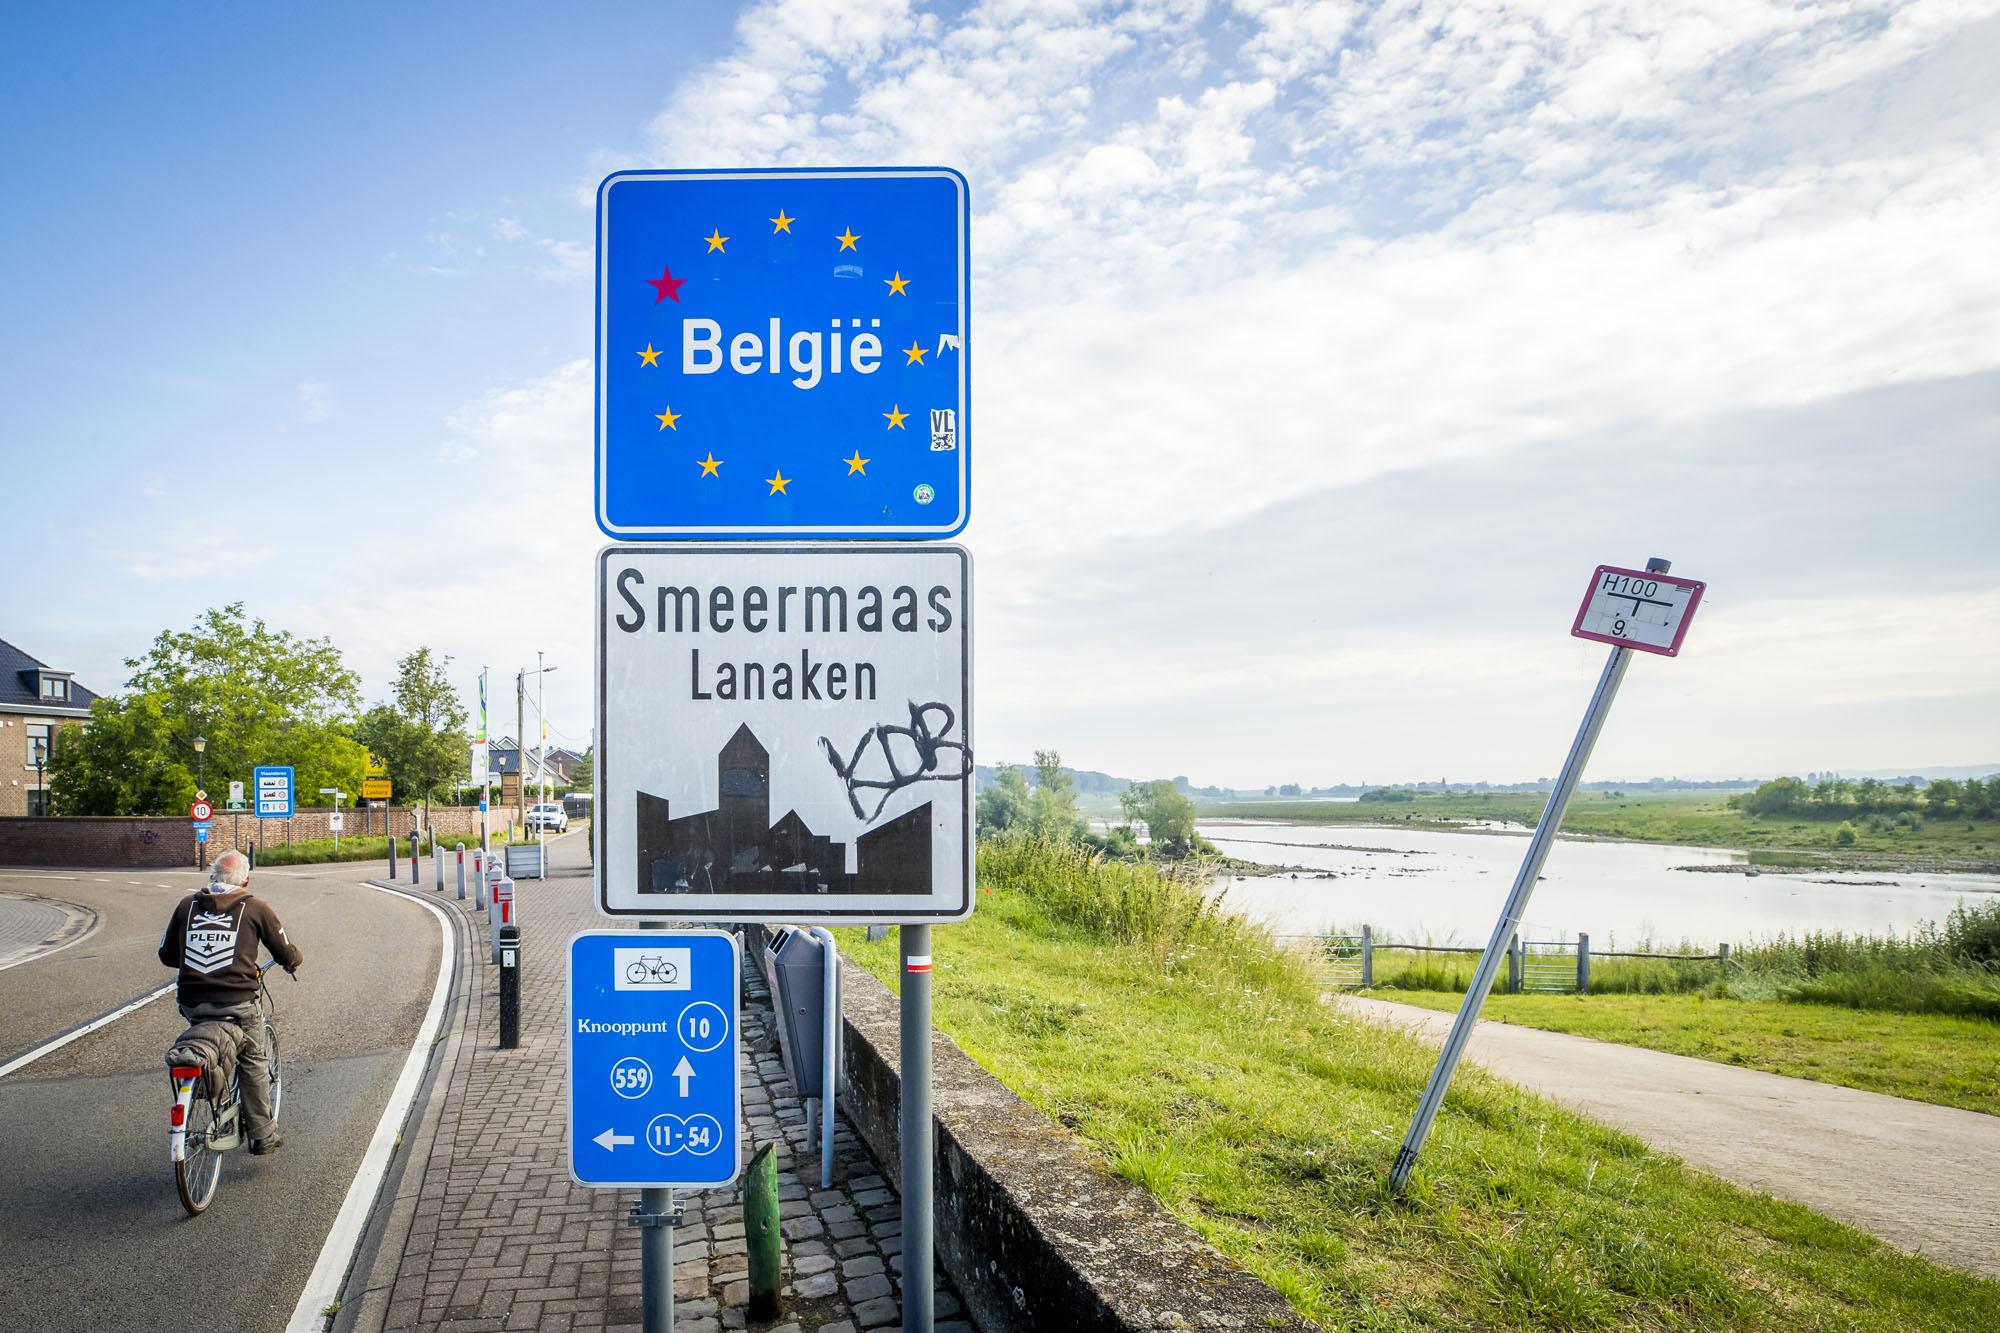 Een foto van een grensbord in België